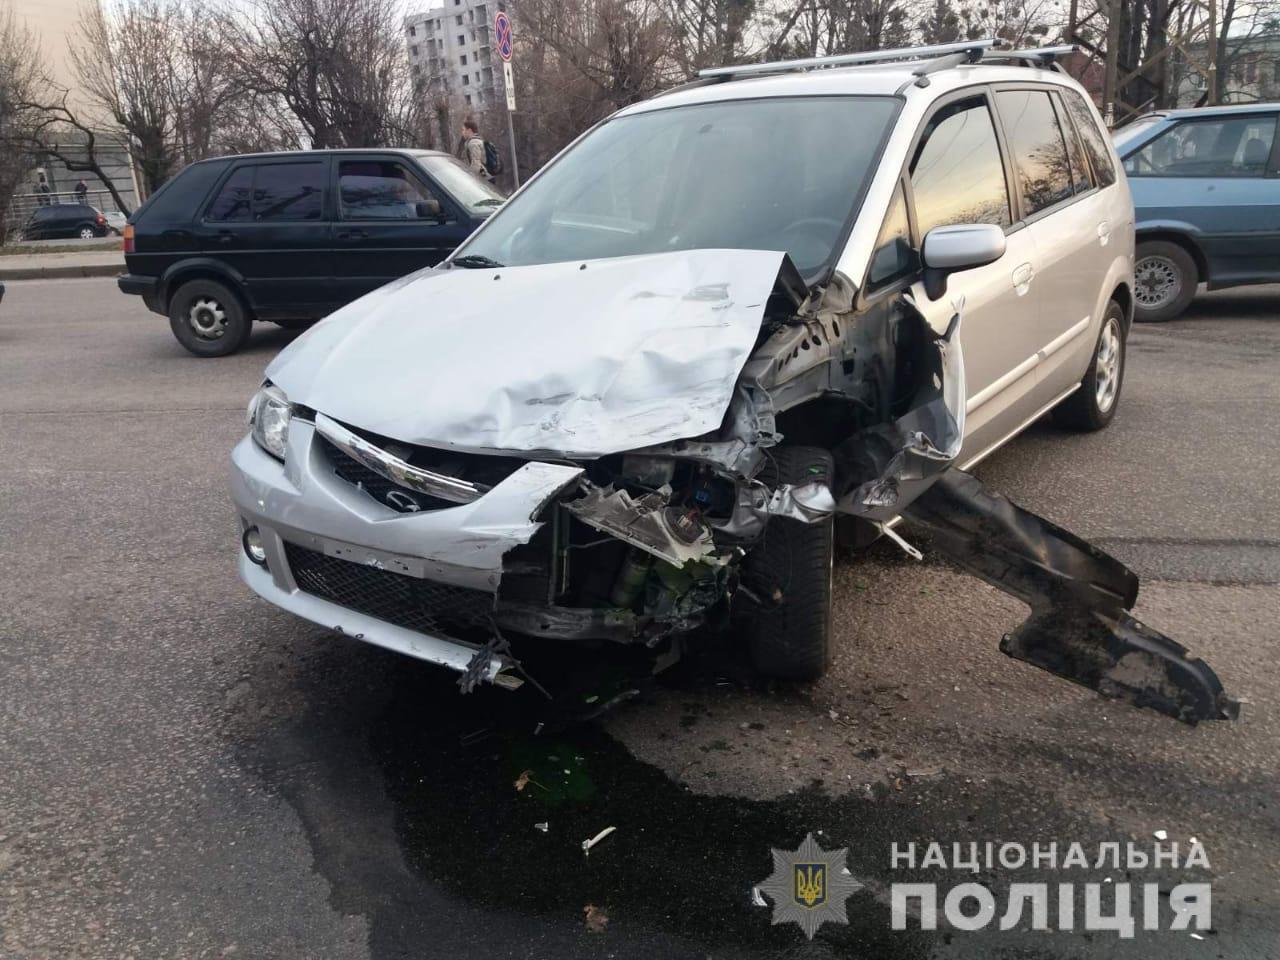 В Харькове легковой автомобиль «снес» насмерть мотоциклиста, - ФОТО, фото-1